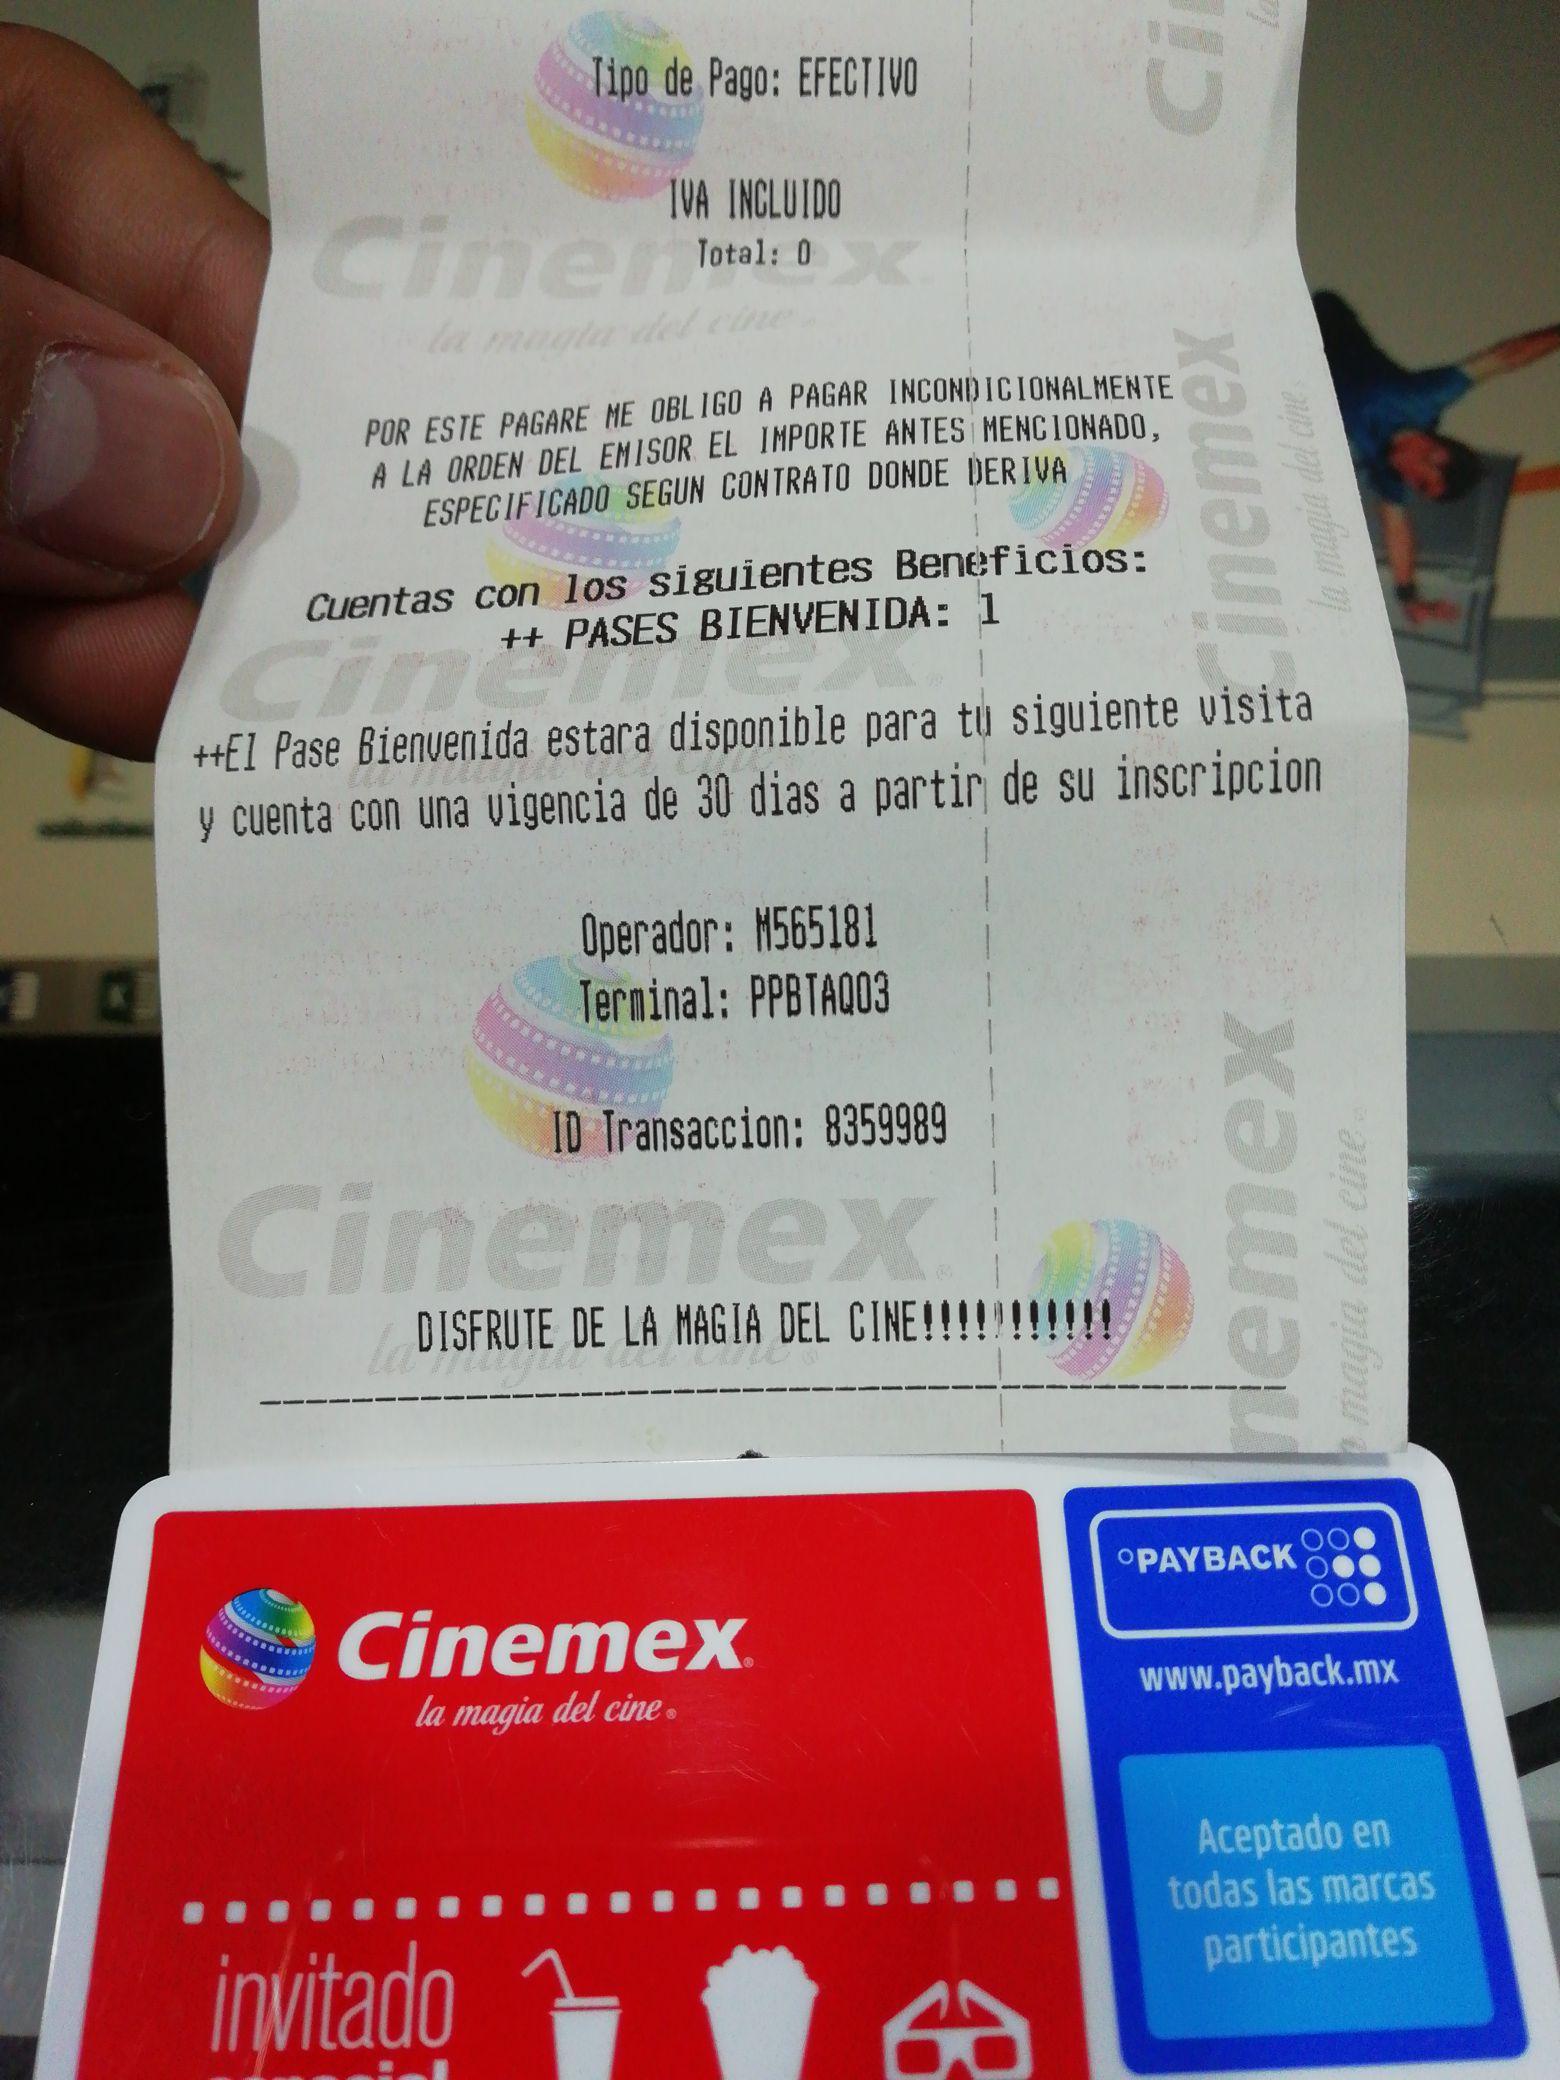 Cinemex: Monedero Payback y entrada gratis